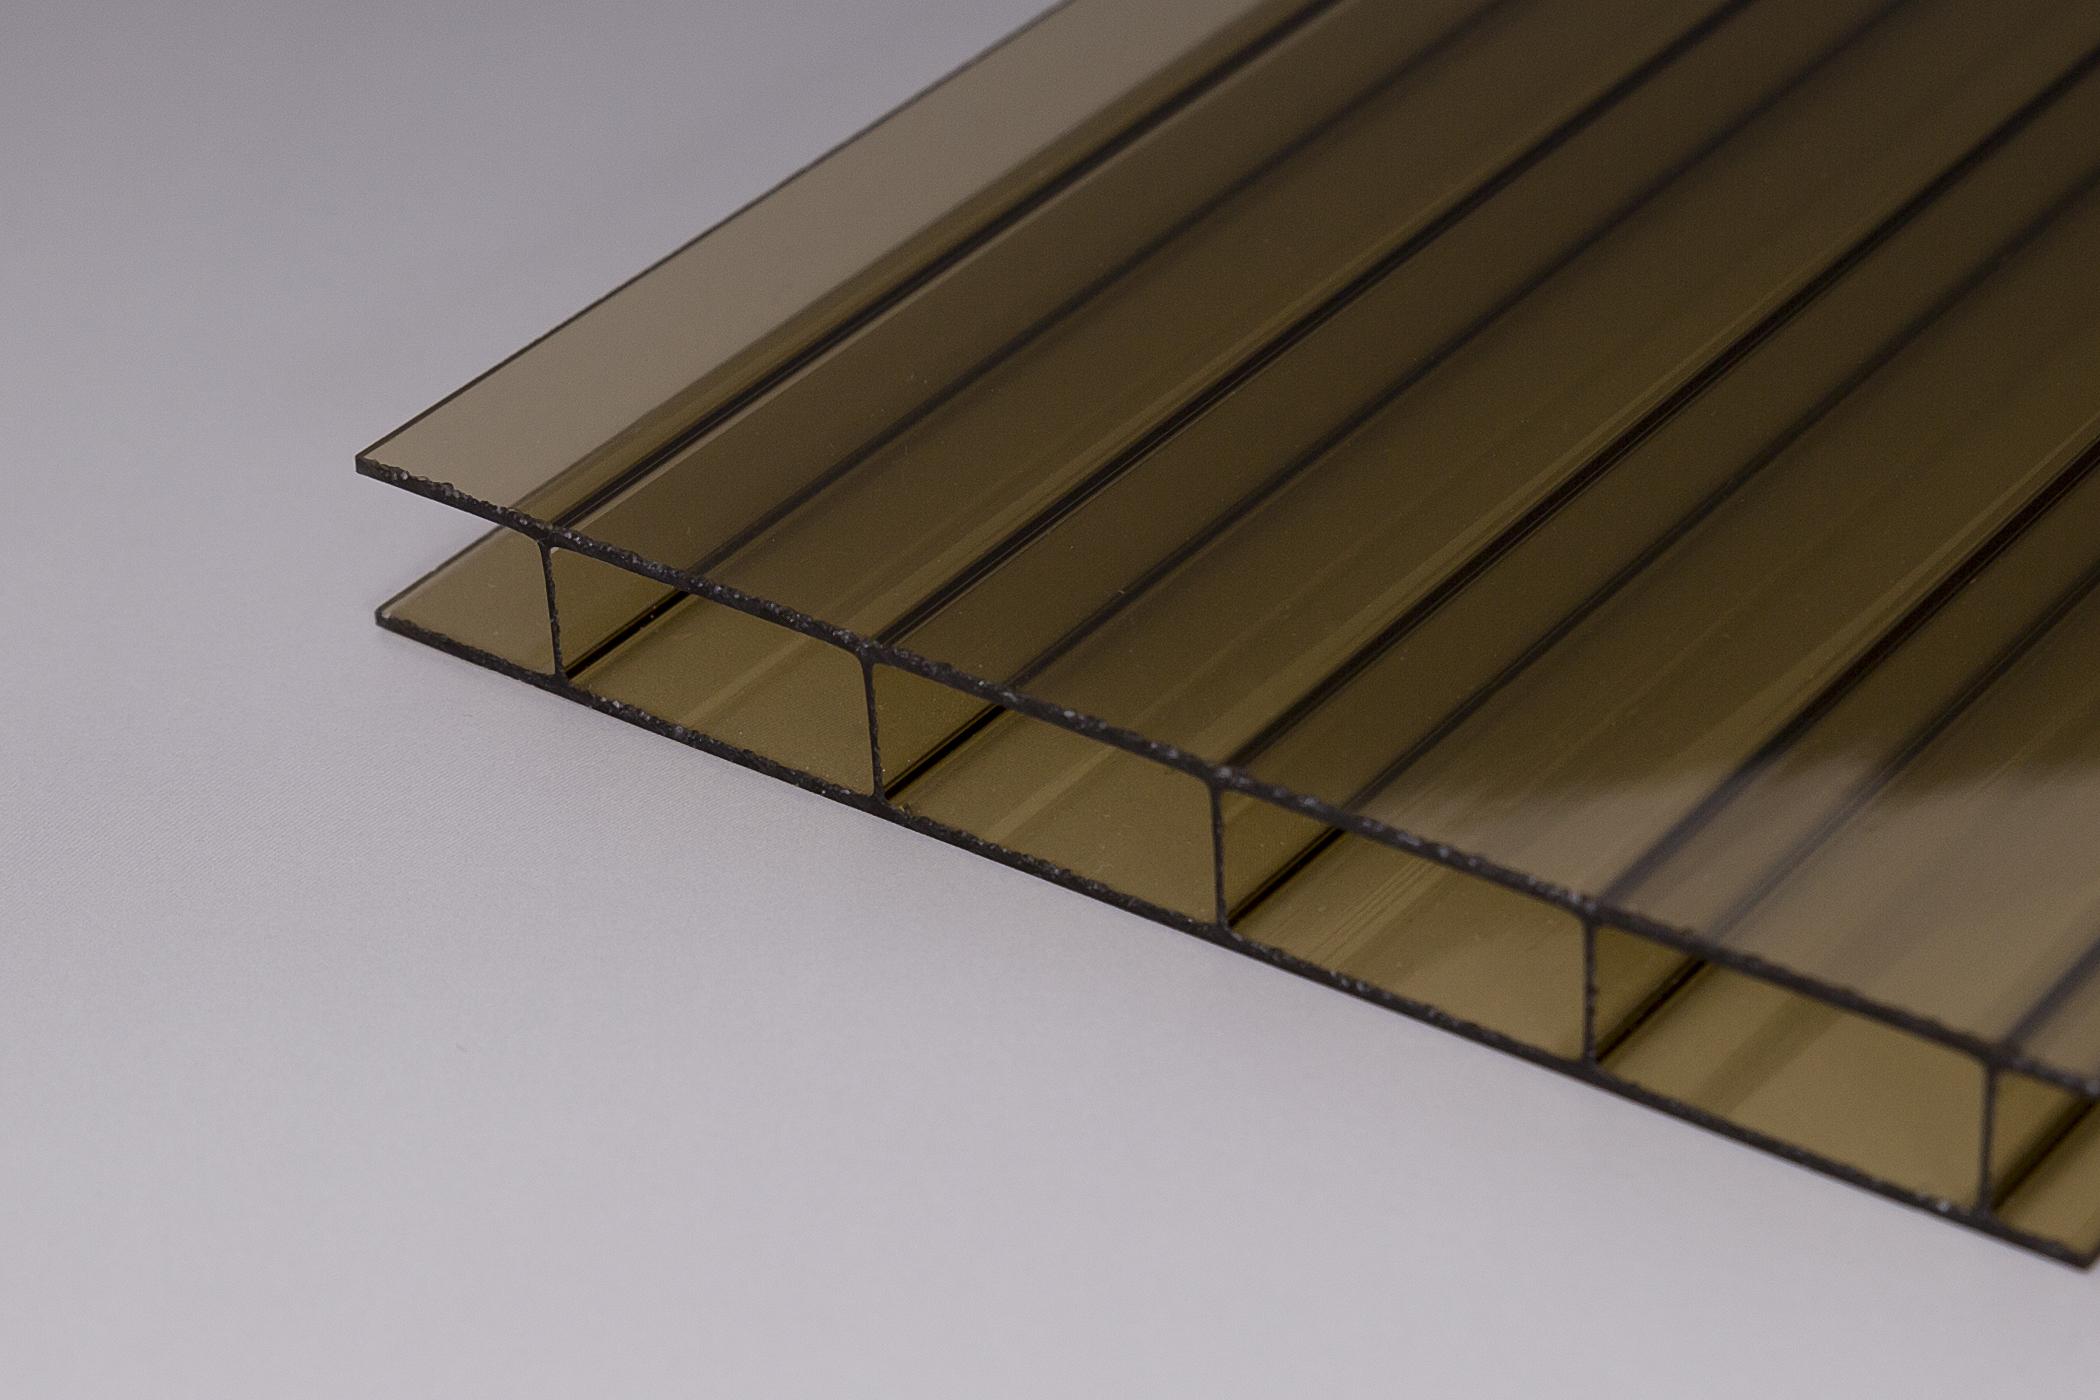 16 mm stegplatten aus acrylglas 16 32 bronze onlineshop f r wellplatten und stegplatten. Black Bedroom Furniture Sets. Home Design Ideas